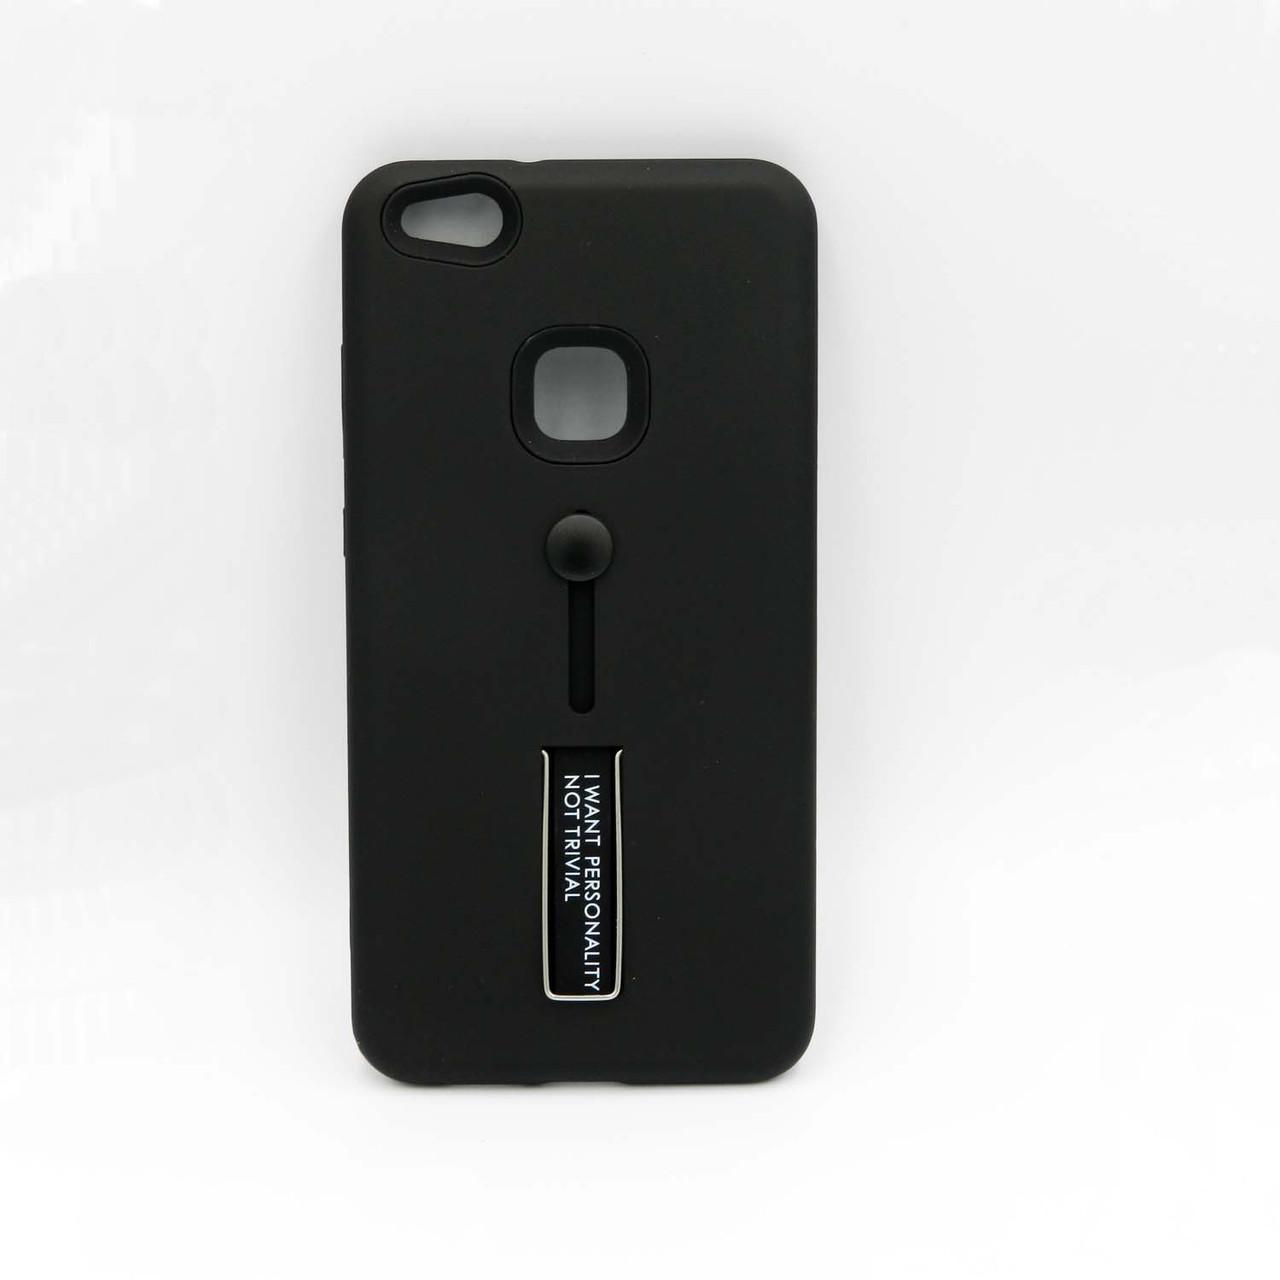 Чохол накладка для Huawei P10 Lite силікон і пластик, IWPNT, чорний